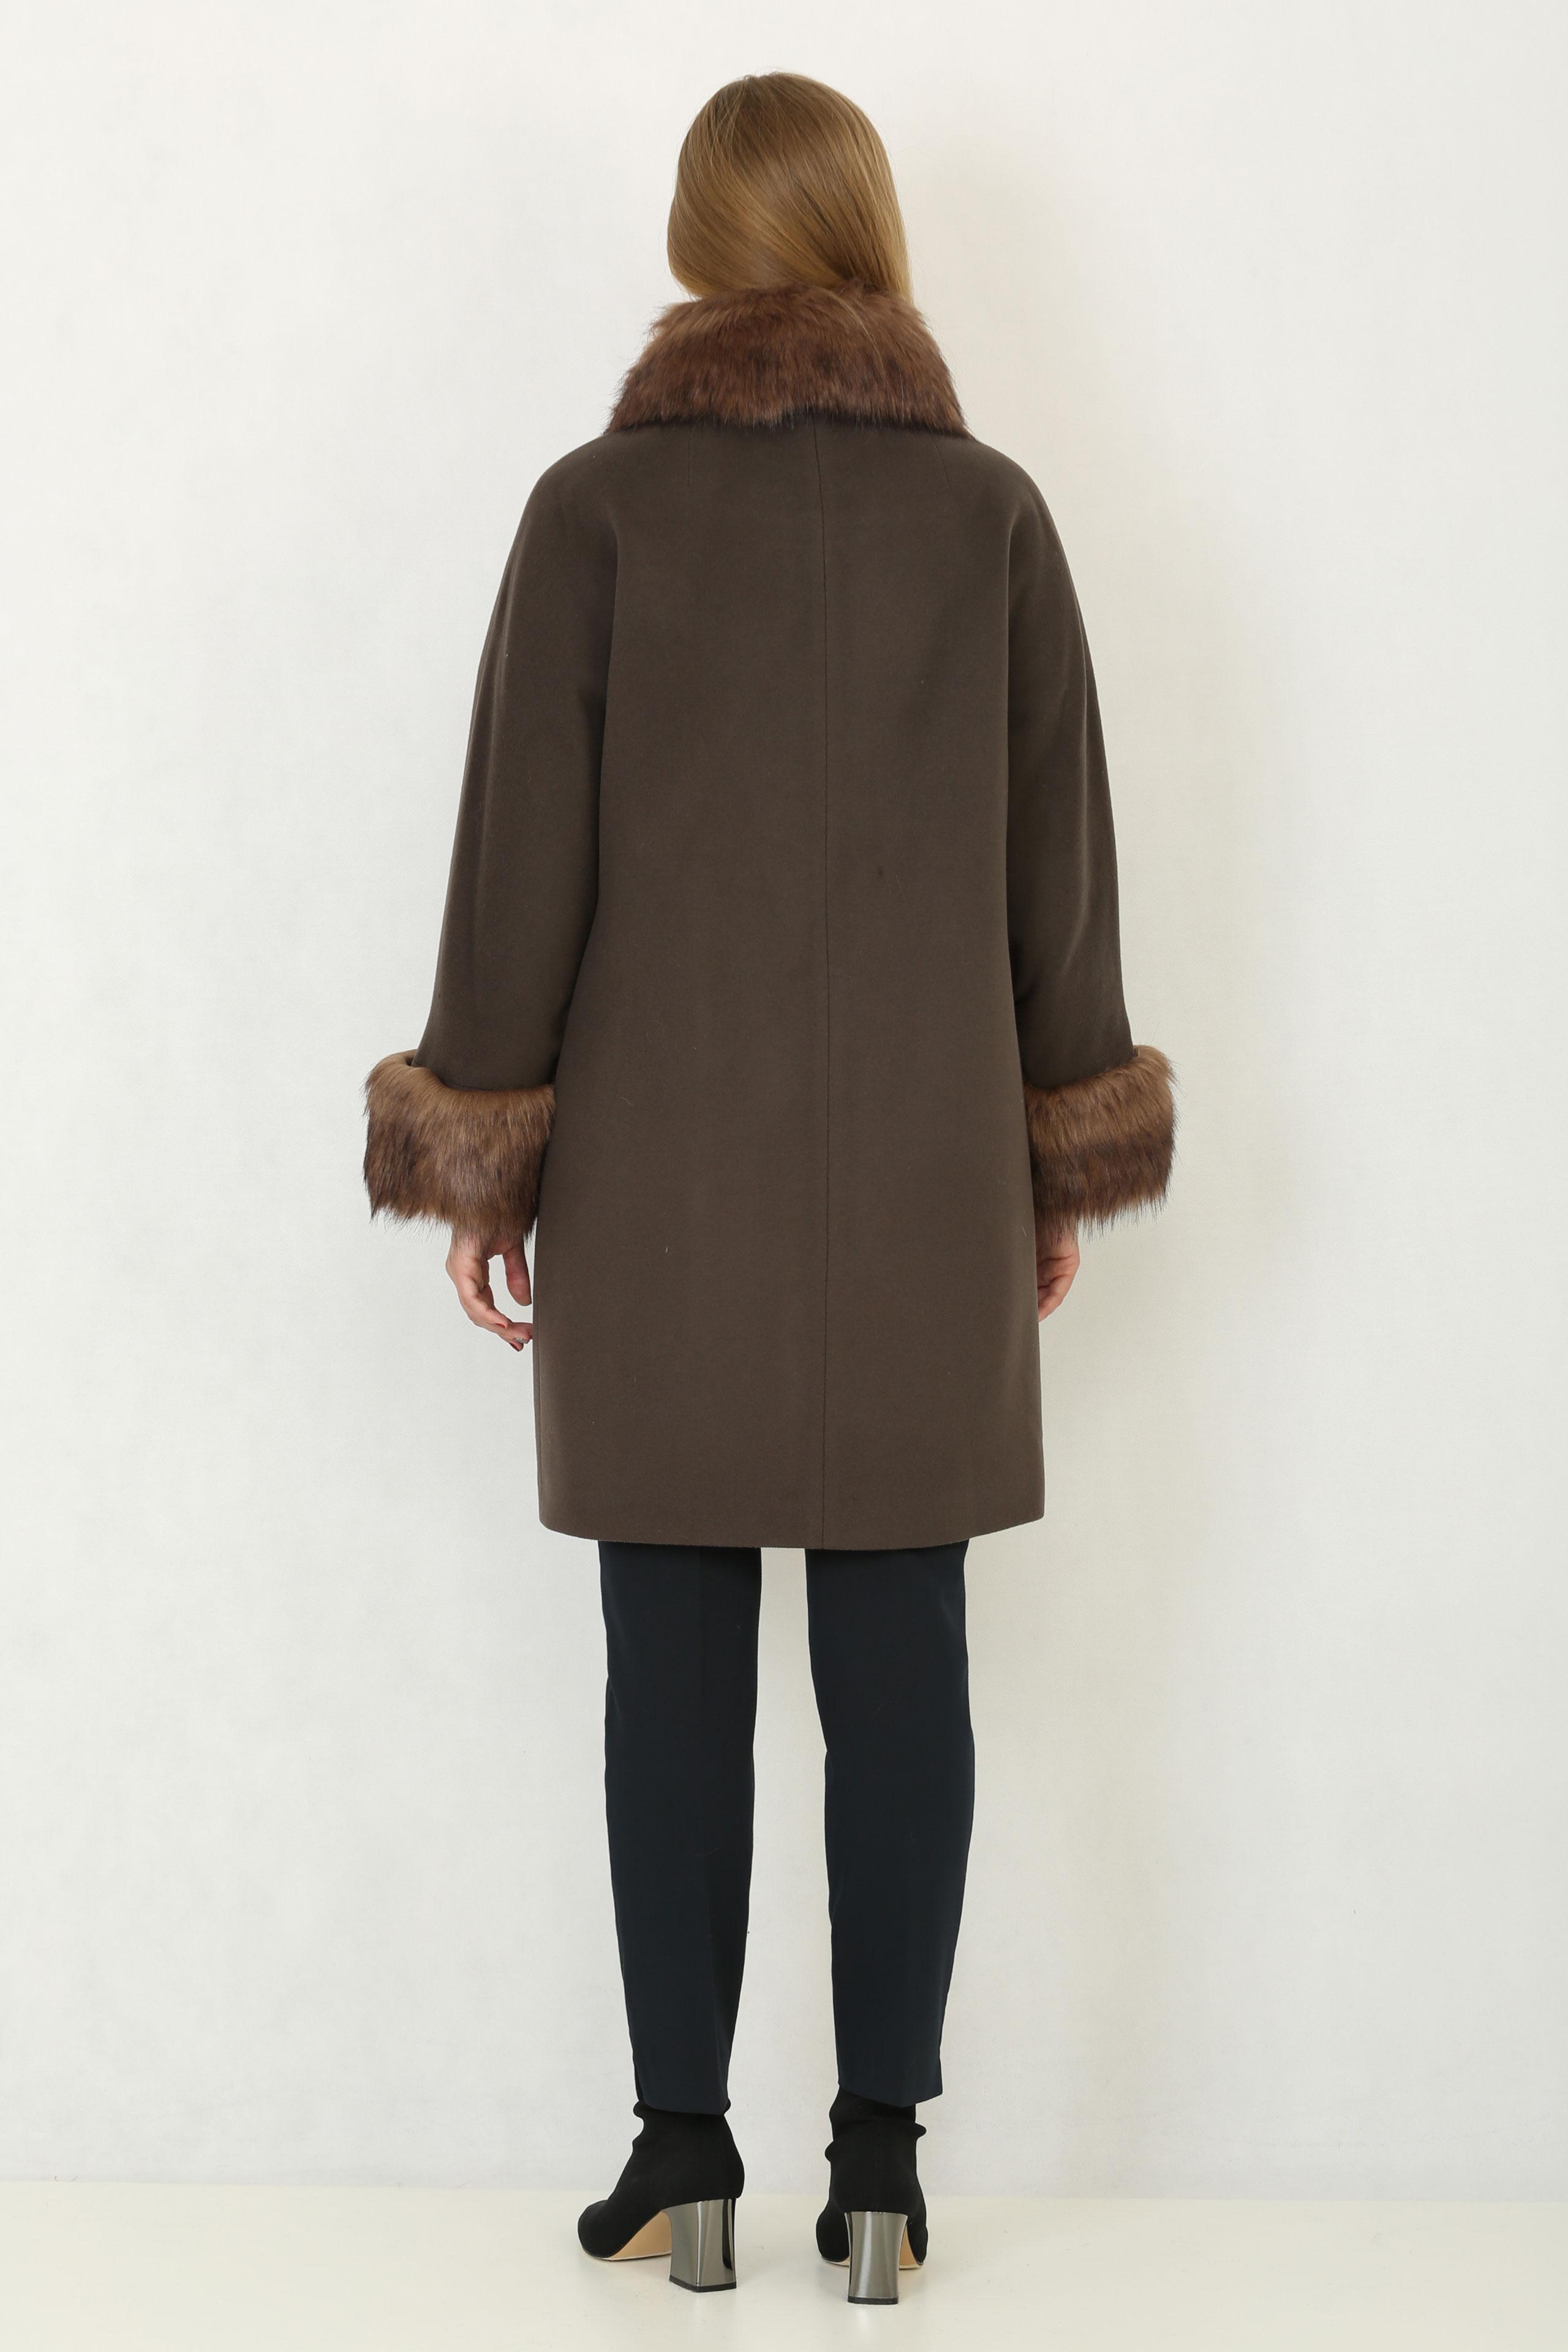 Женское пальто из текстиля с воротником, отделка искусственный мех